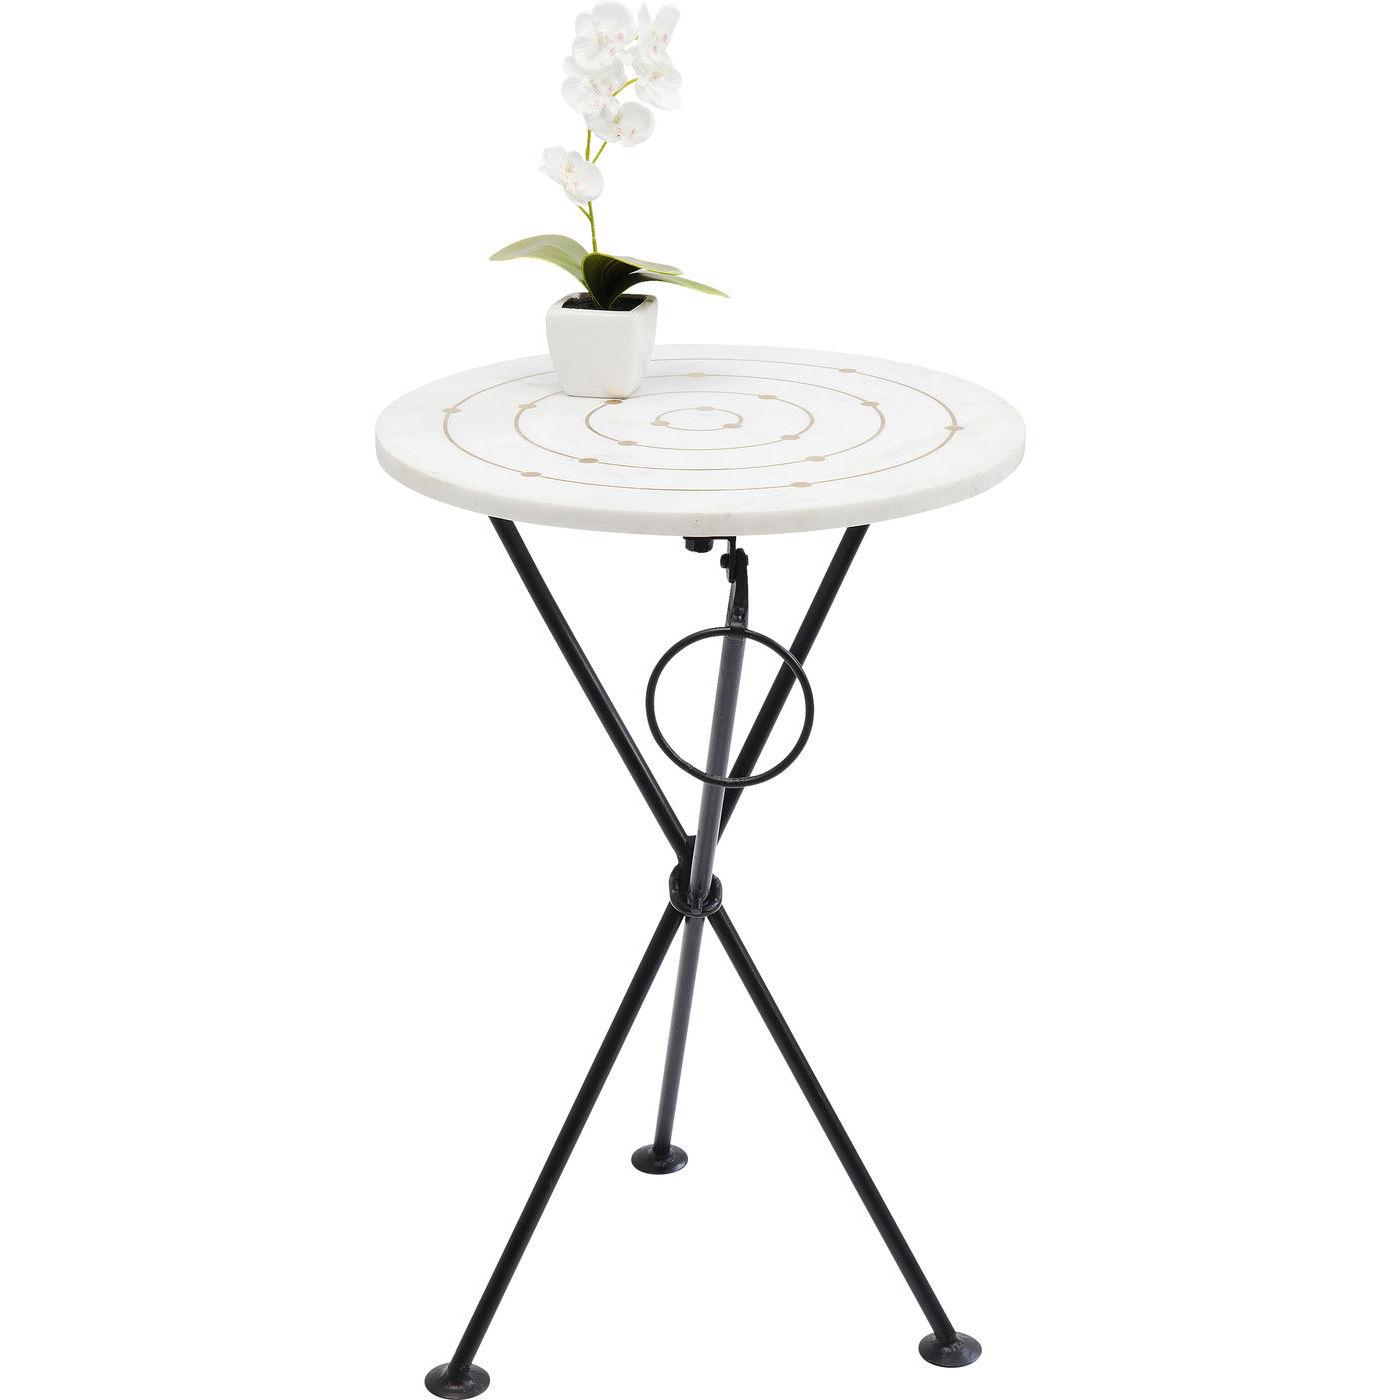 kare design Kare design clack circles sidebord - hvidt marmor/stål, rundt (ø36) fra boboonline.dk